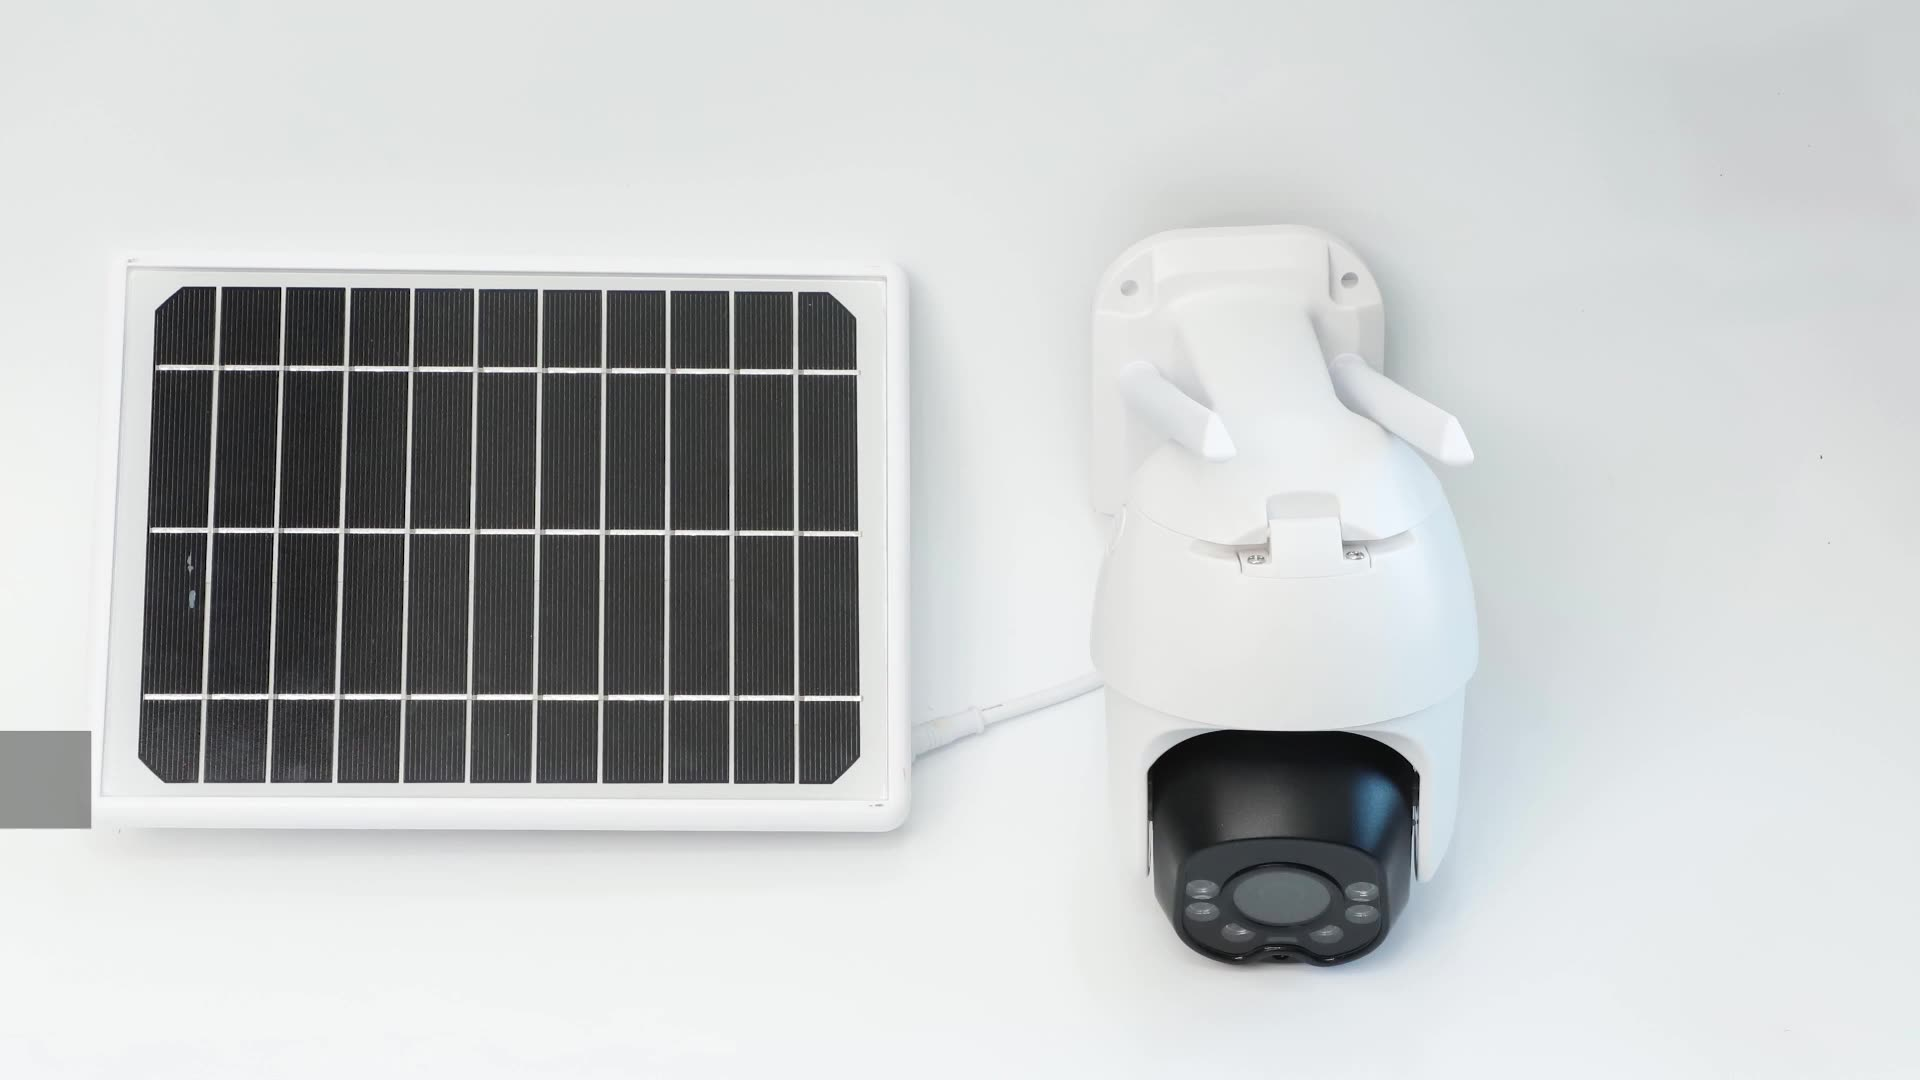 新技術屋外cctvカメラ防水ソーラーカメラip wifi/4gカメラサポートtuyaシステム